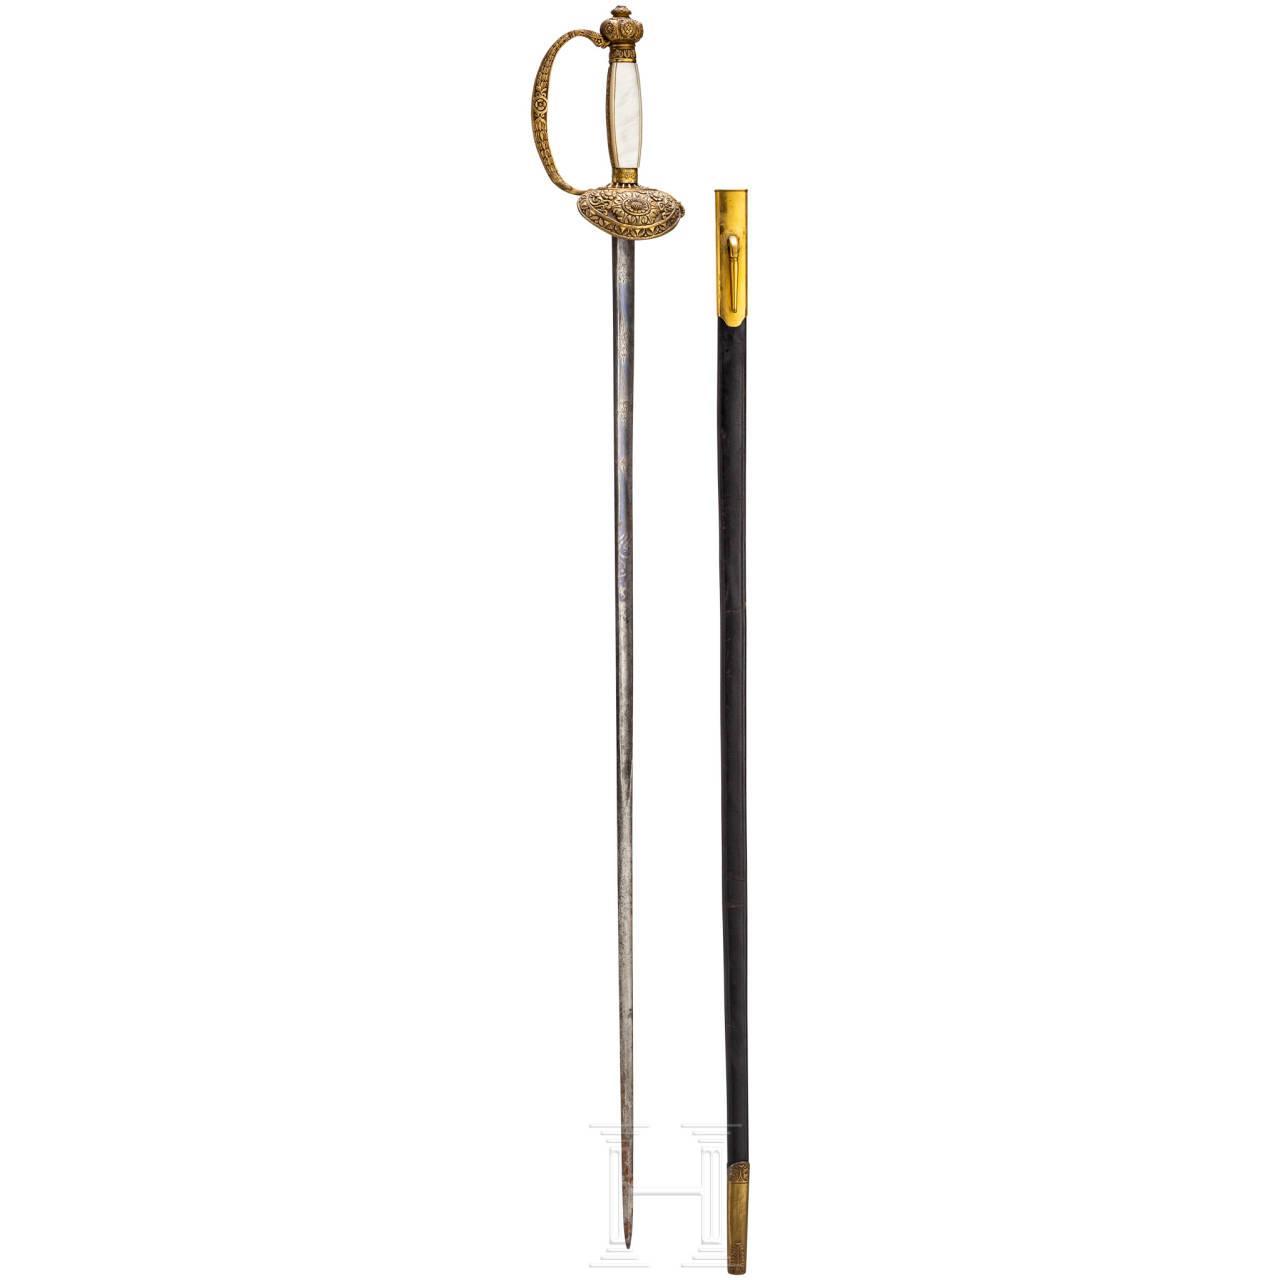 A sword fo public officials, Denmark, ca. 1860